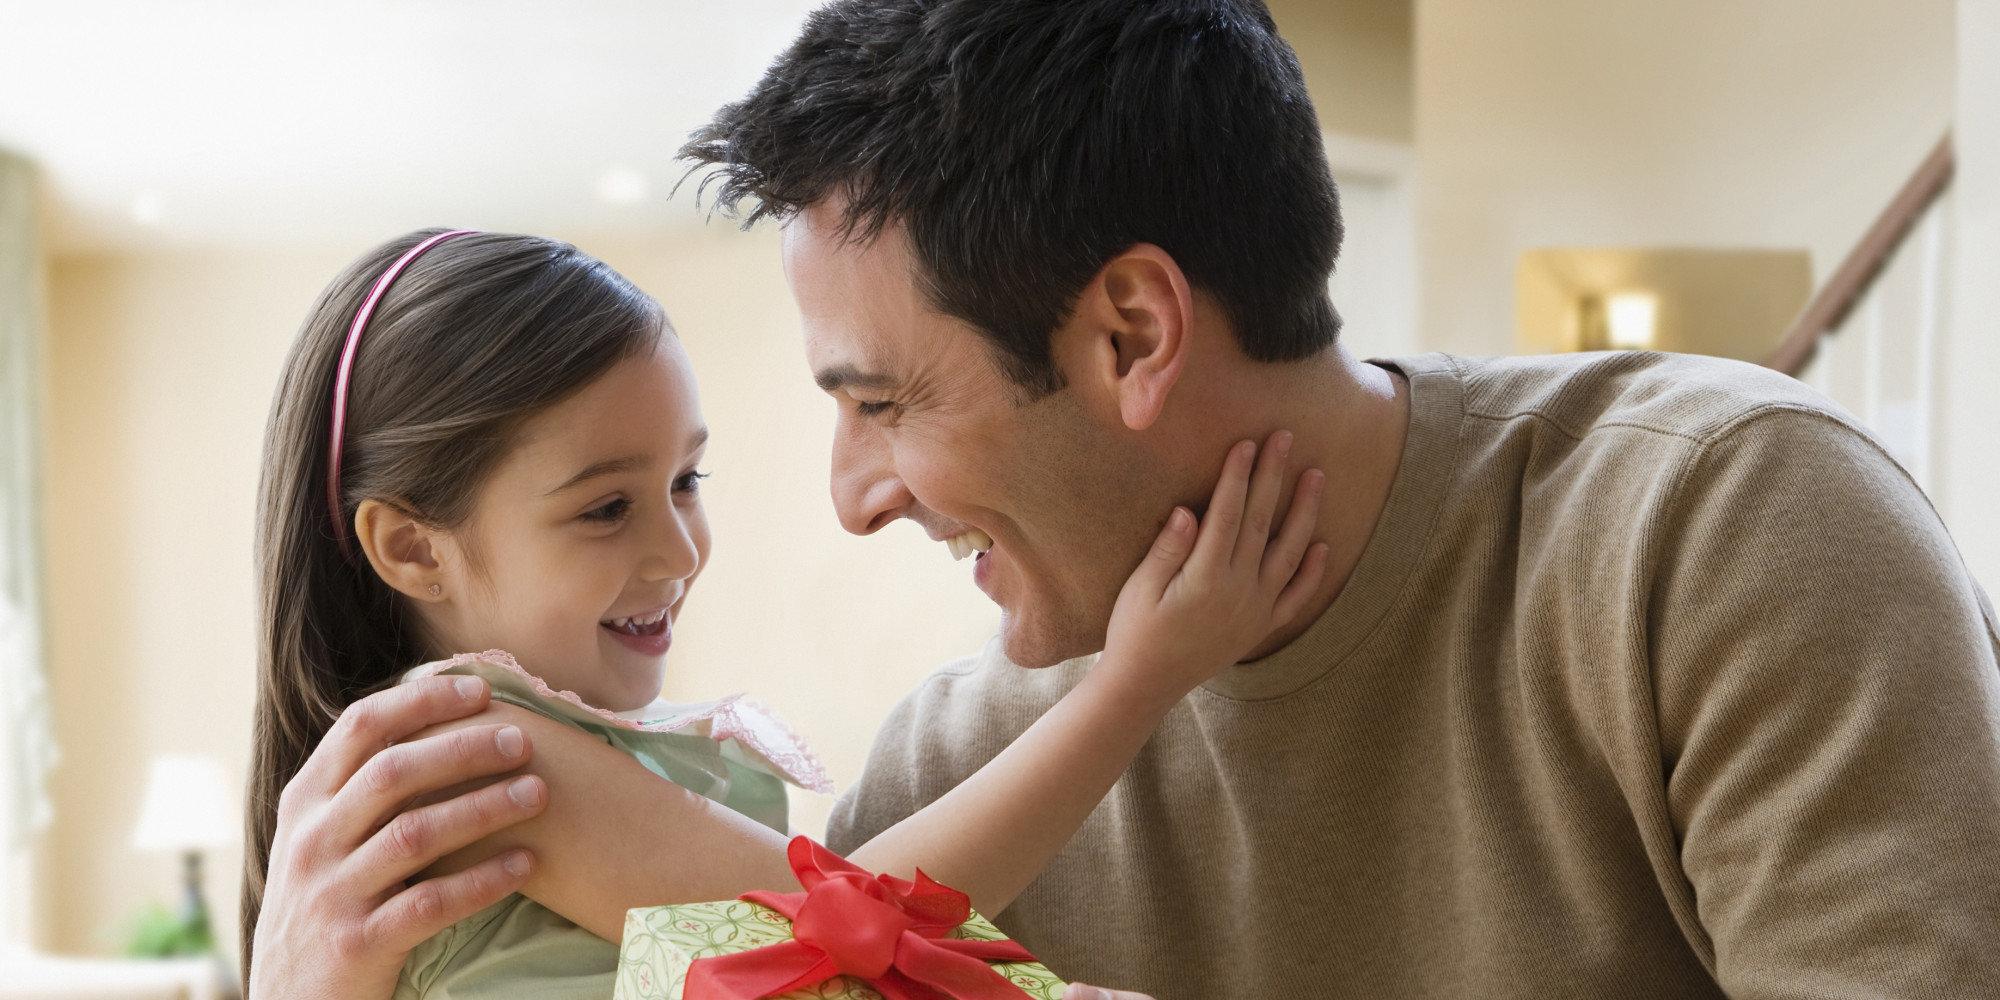 Rüyada Babanızın Güldüğünü Veya Gülümsediğini Görmek